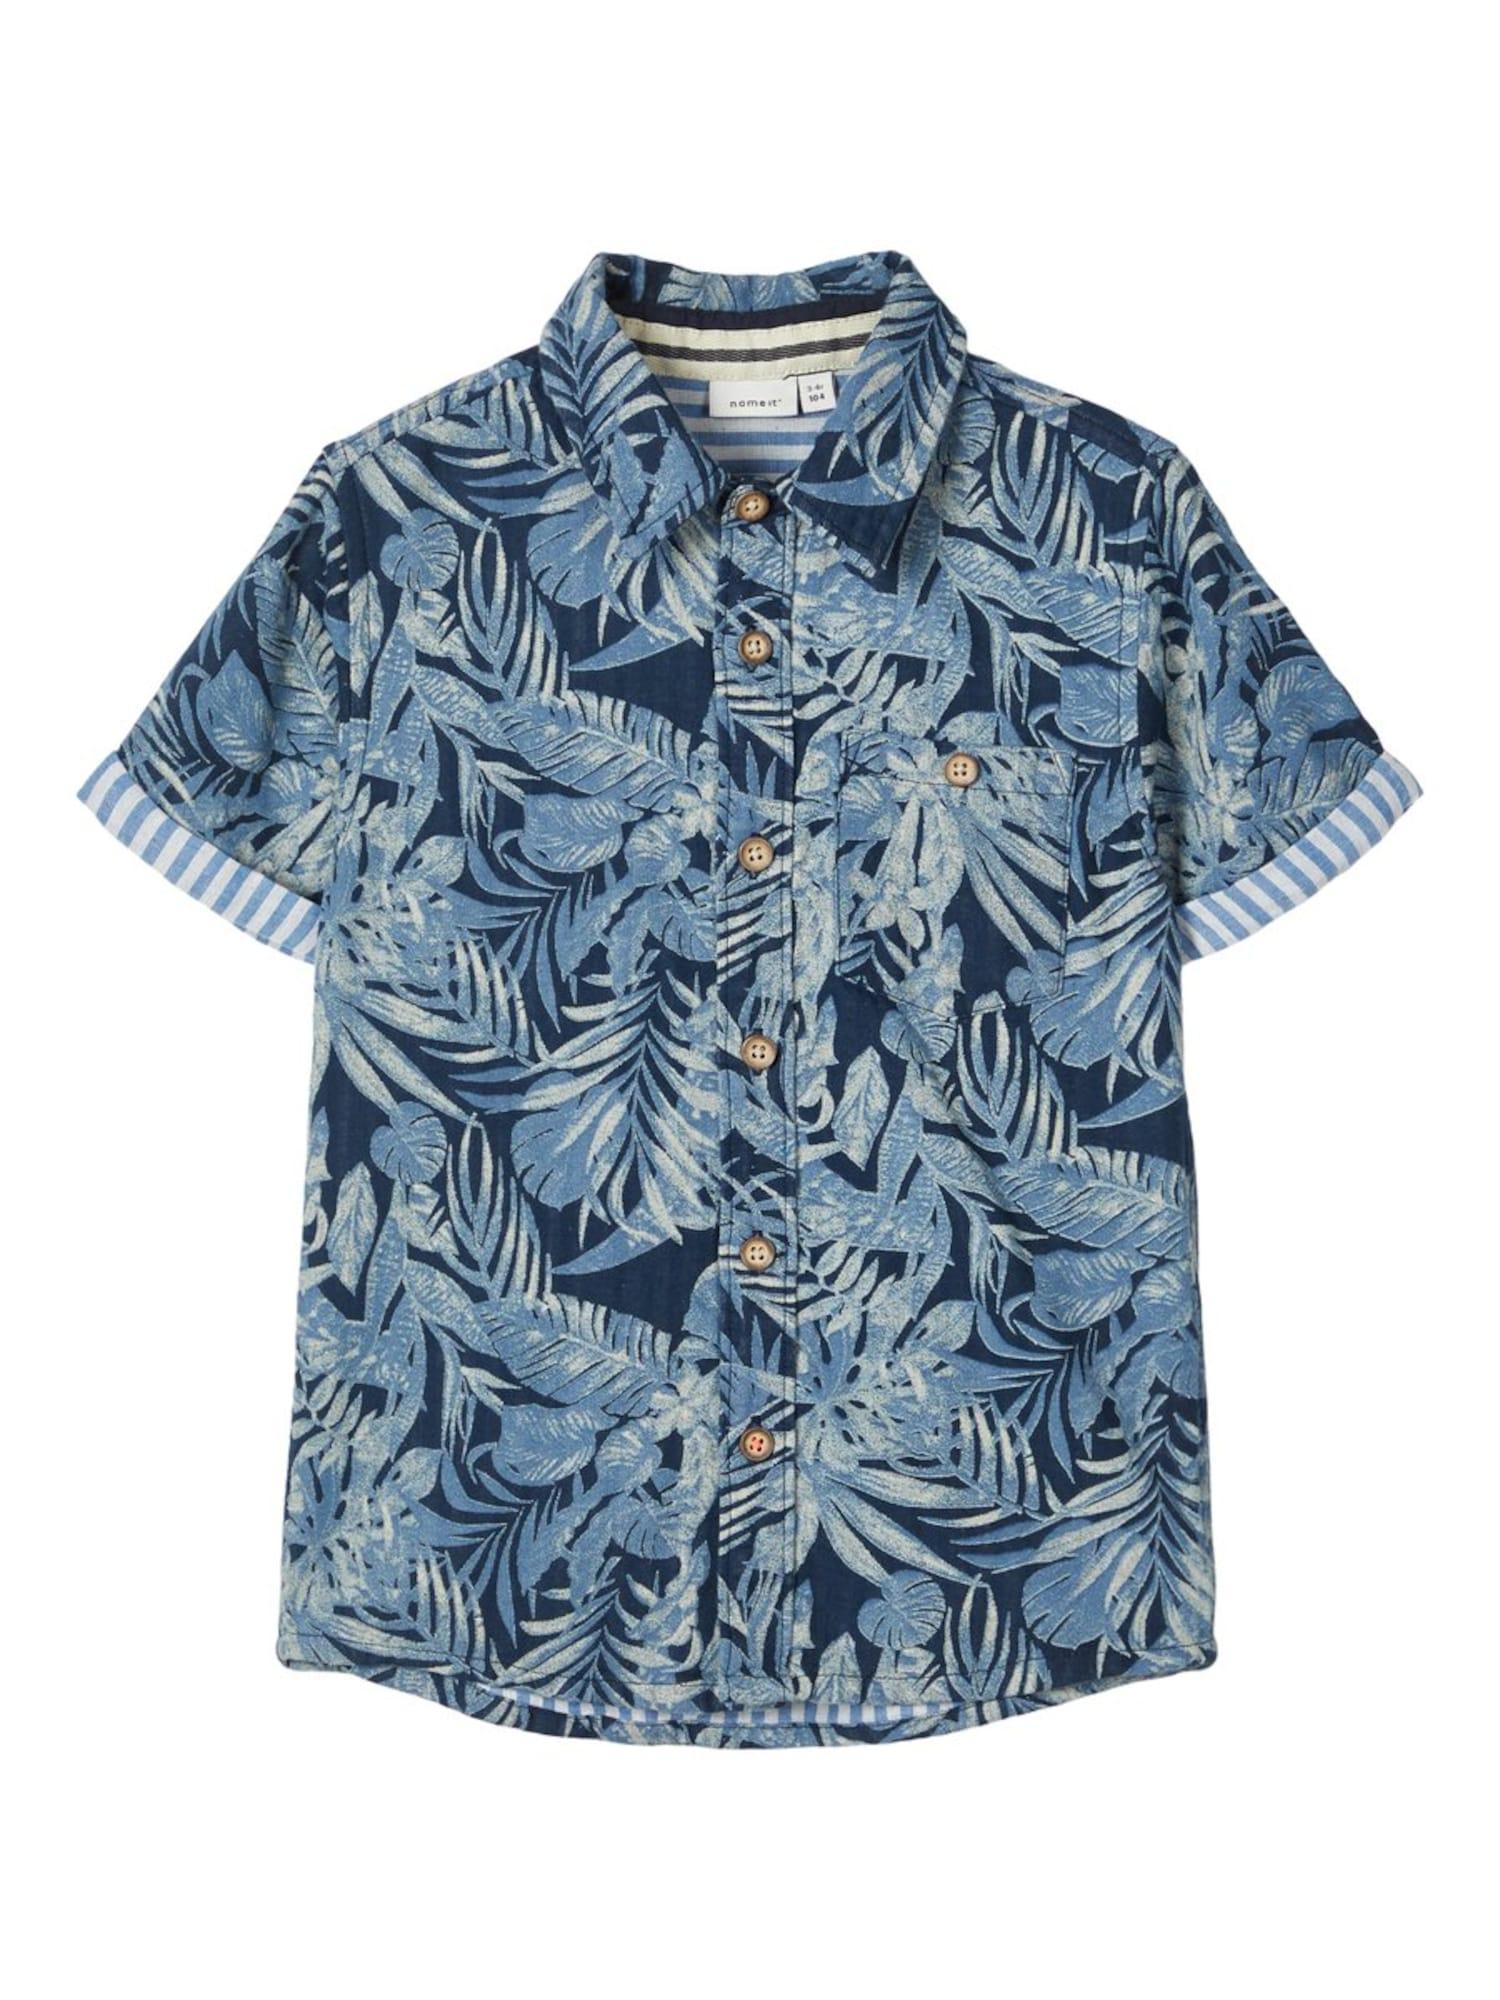 NAME IT Dalykiniai marškiniai mišrios spalvos / mėlyna